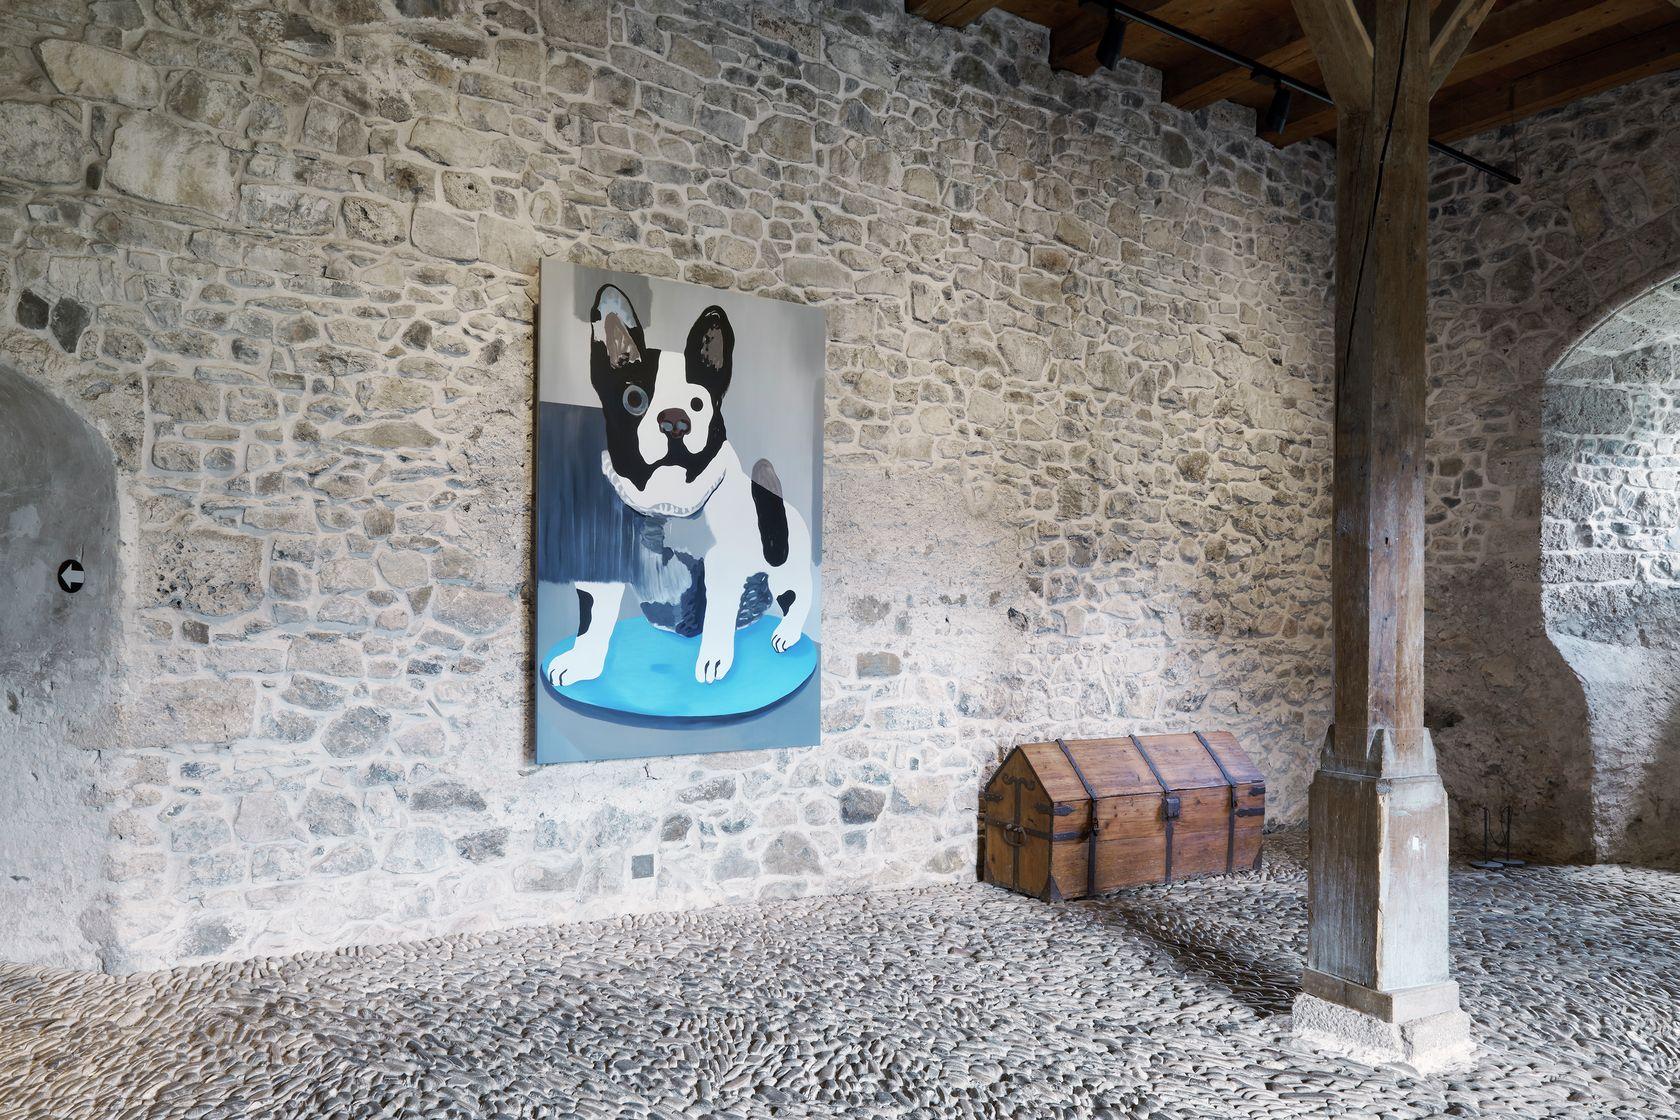 Françoise Pétrovitch, Sans titre, 2020 À bruits secrets, Château de Gruyères, Gruyères (CH) July 10 - October 17, 2021 ©Daniela &Tonatiuh